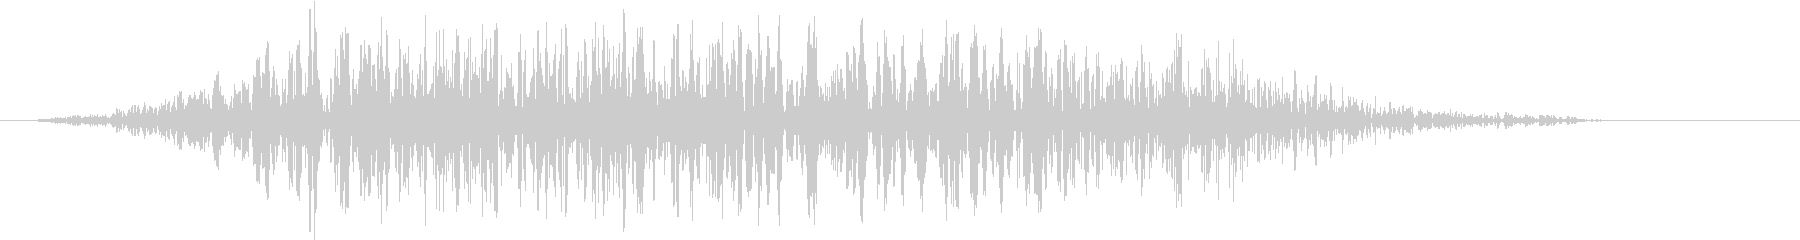 モンスター 悲鳴 48の未再生の波形